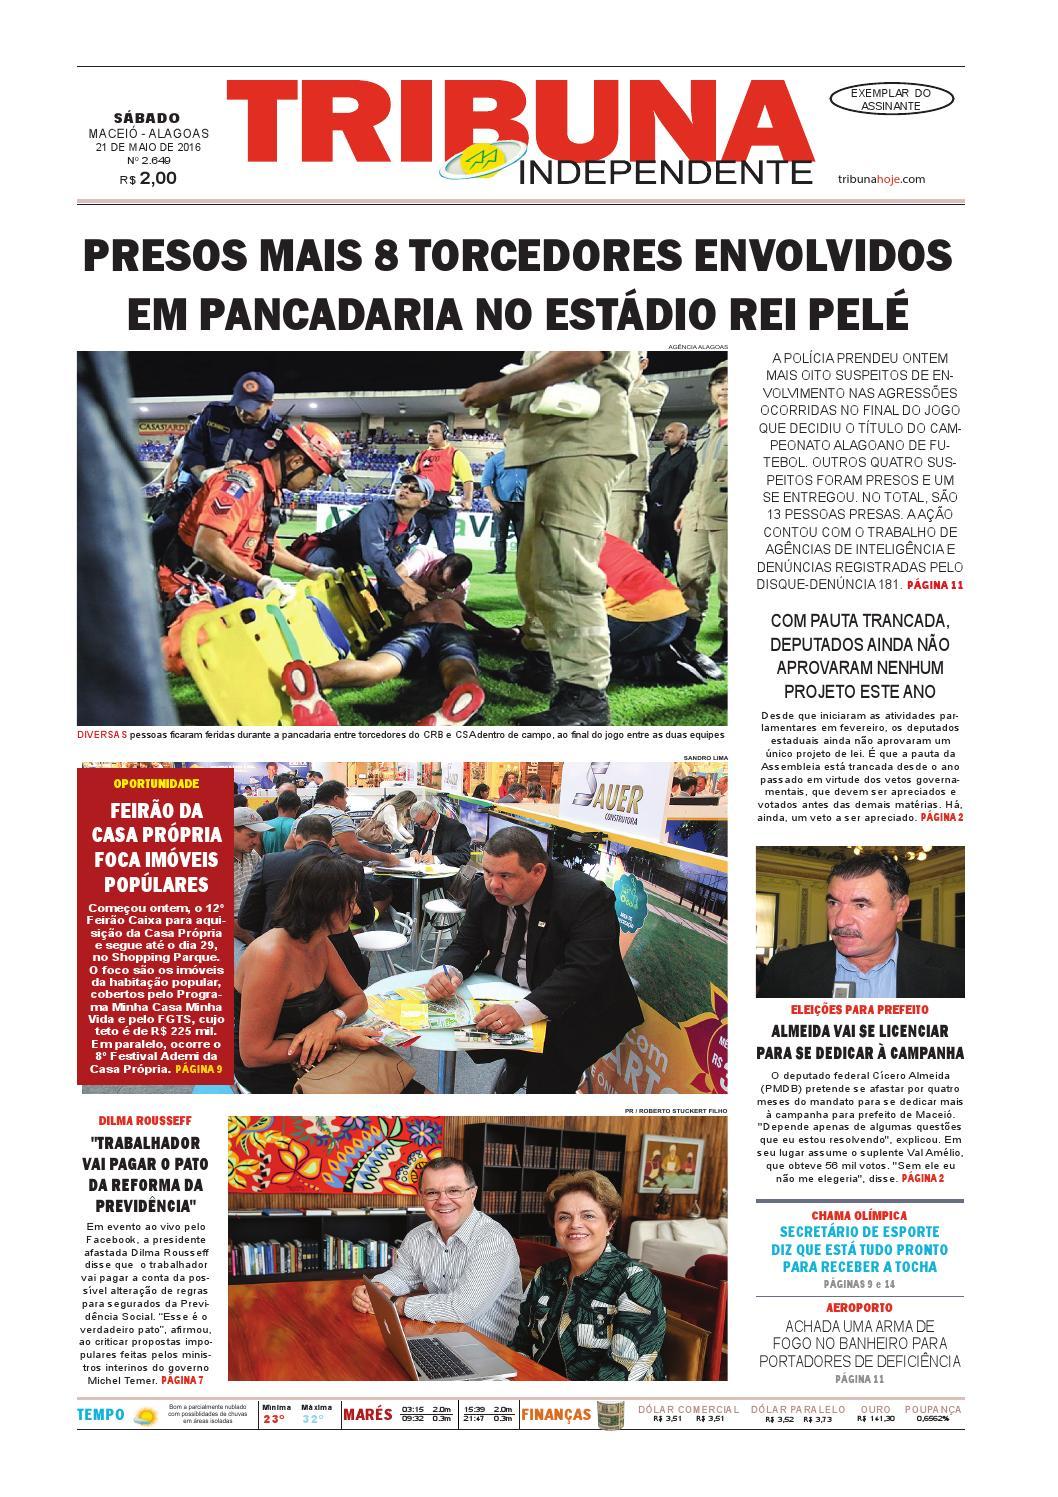 7e054e59448 Edição número 2649 - 21 de maio de 2016 by Tribuna Hoje - issuu